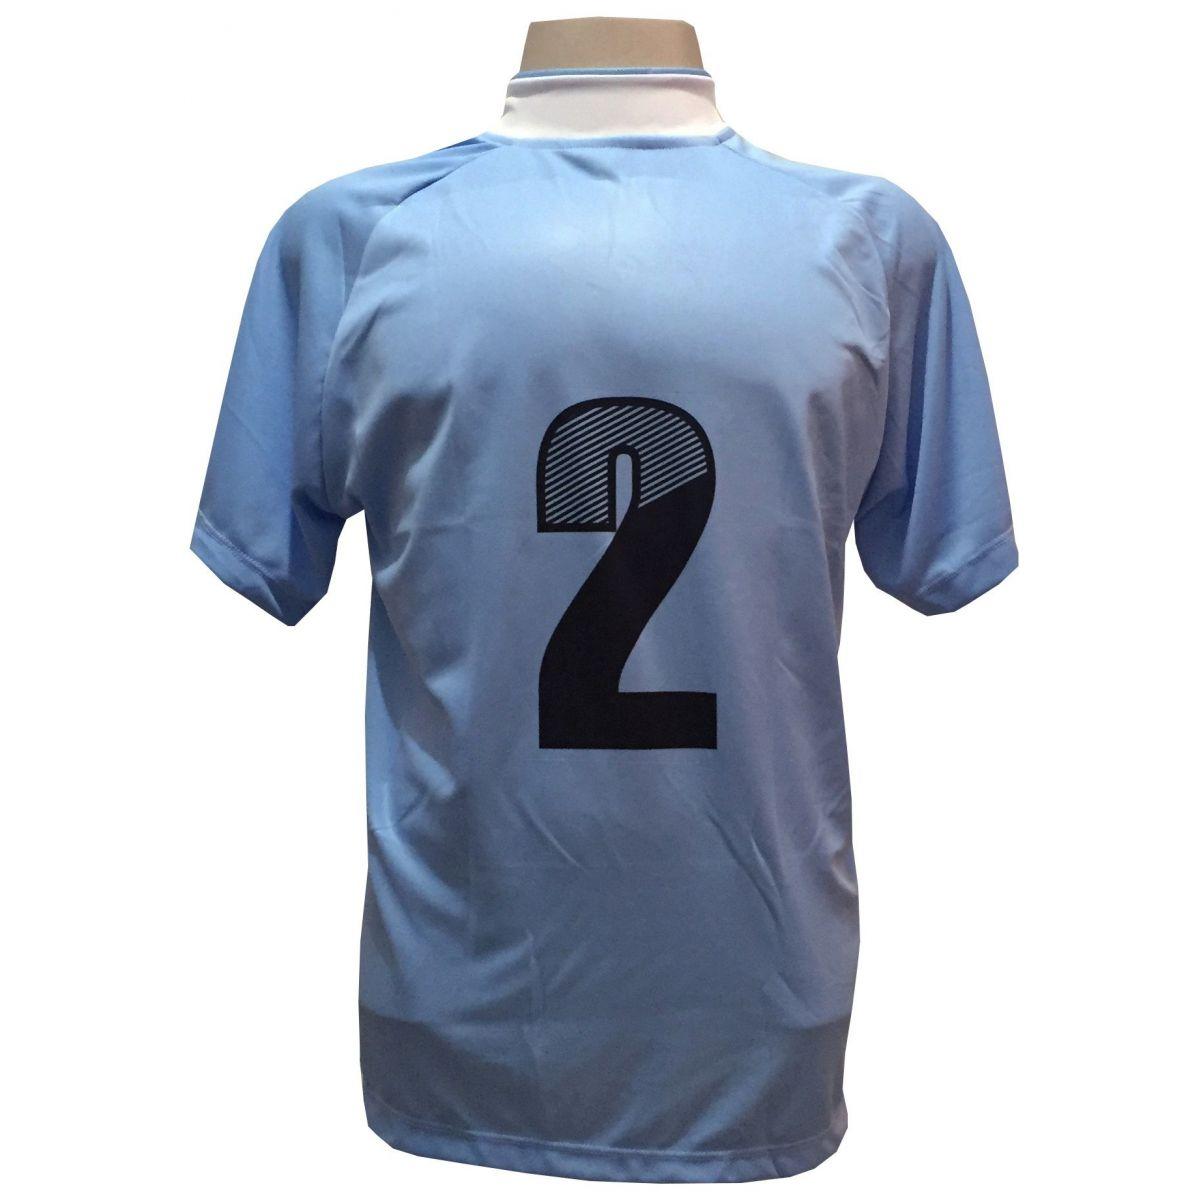 Uniforme Esportivo com 12 camisas modelo Milan Celeste/Branco + 12 calções modelo Copa Preto/Branco + Brindes